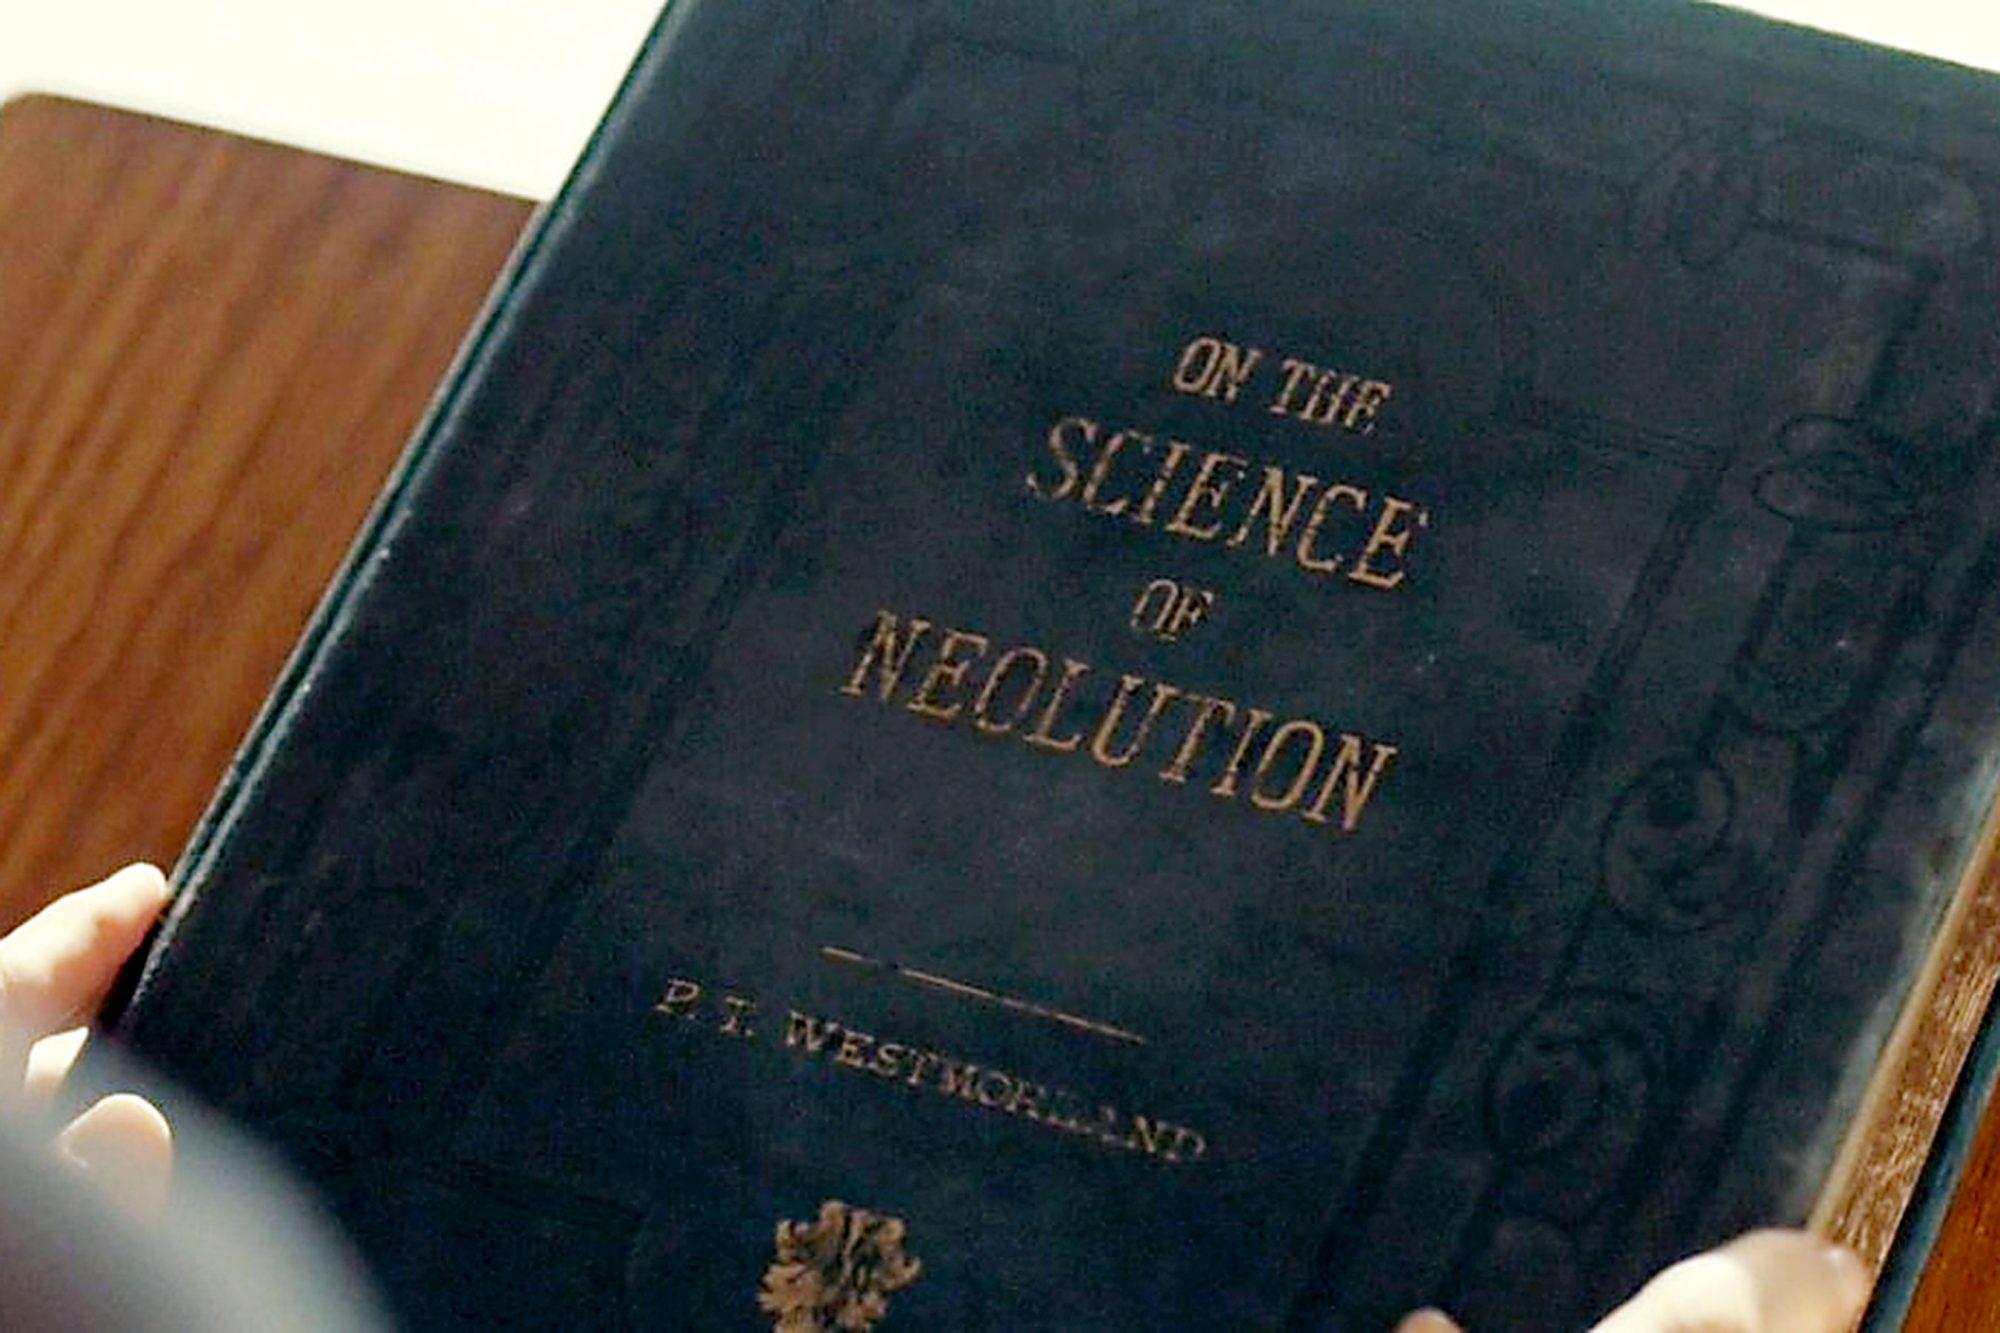 PR Westmoreland_The Science.JPG